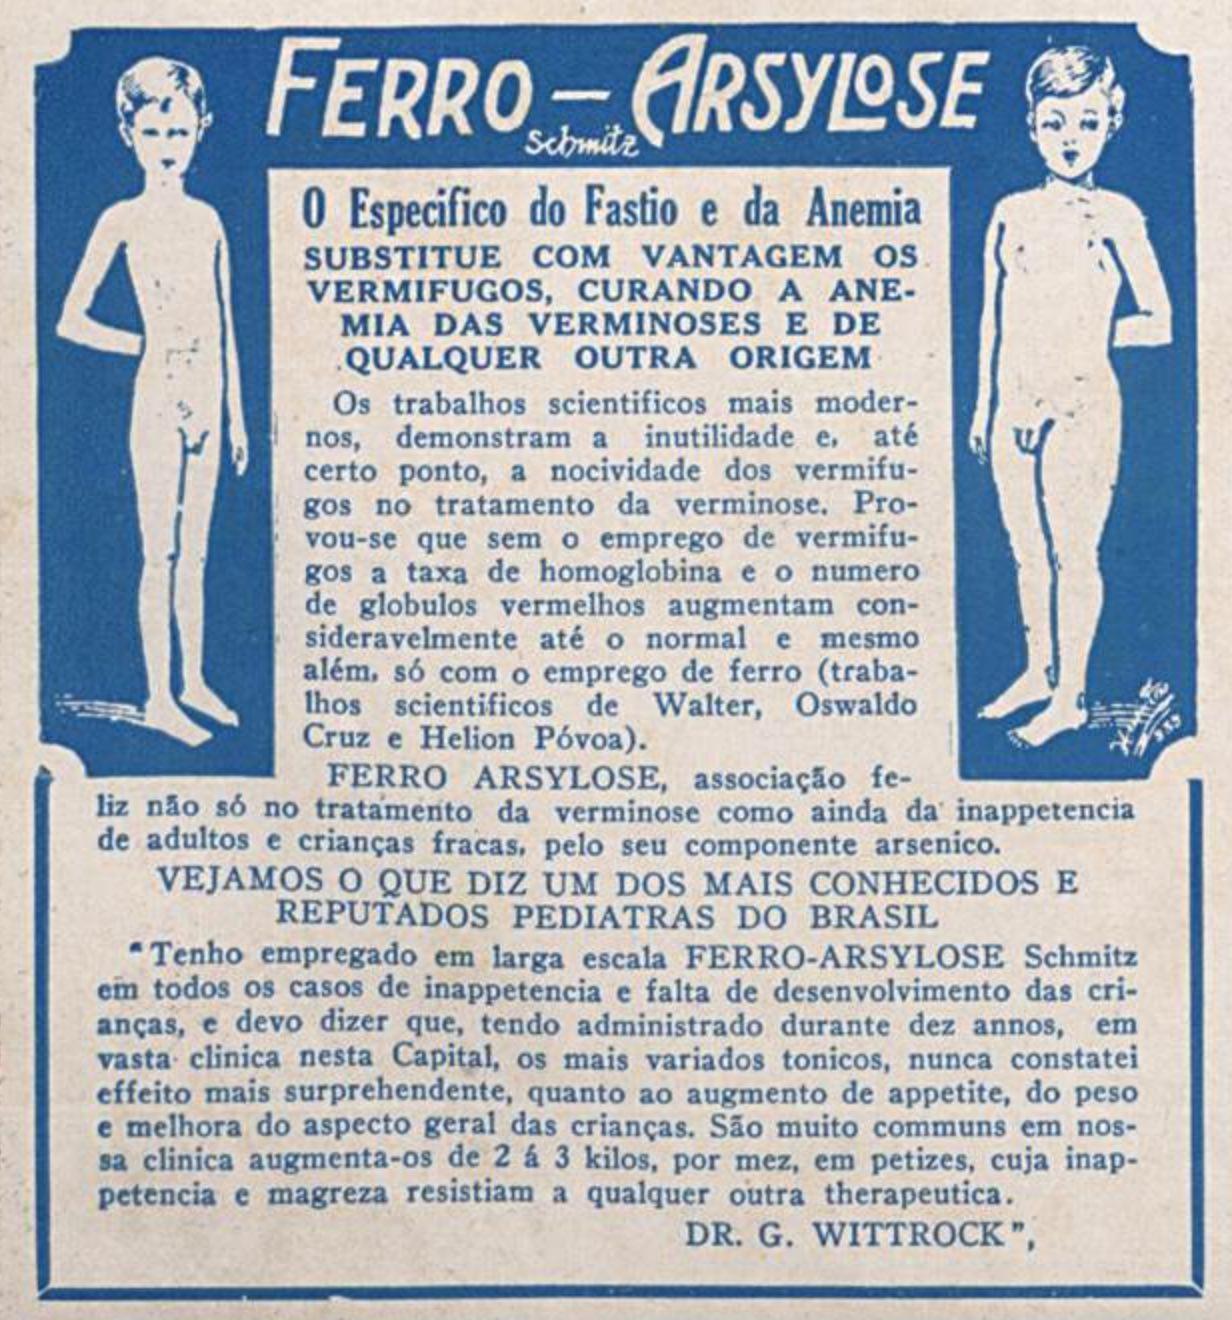 Anúncio de vermífugo para crianças veiculado em 1937